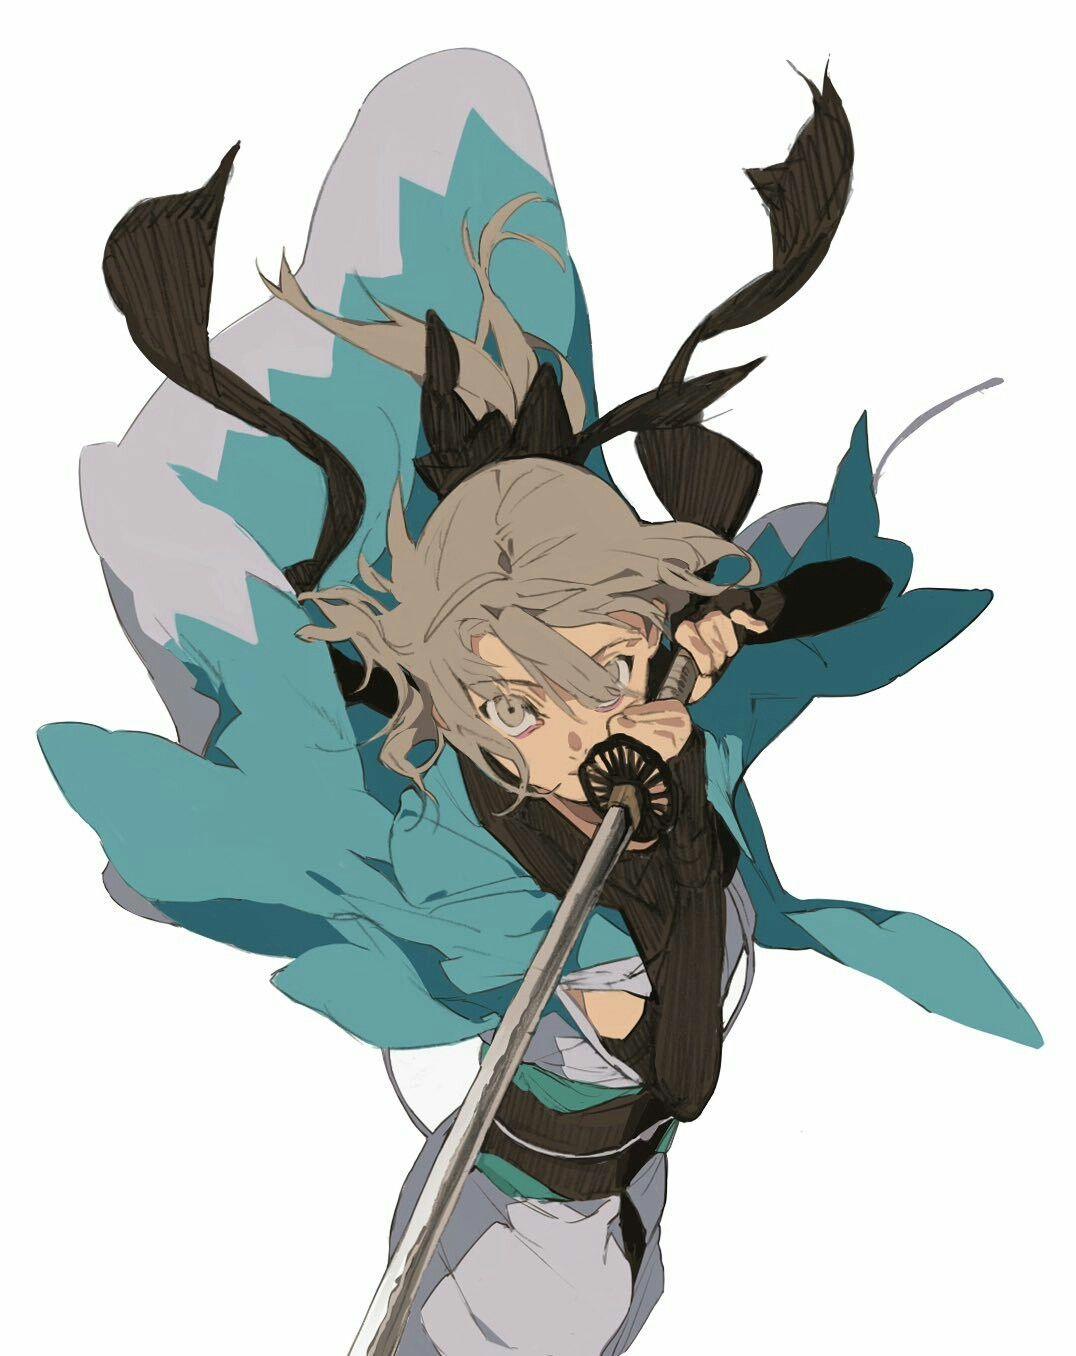 武器 ポーズ おしゃれまとめの人気アイデア pinterest zakko キャラクターデザイン イラスト イラストアート